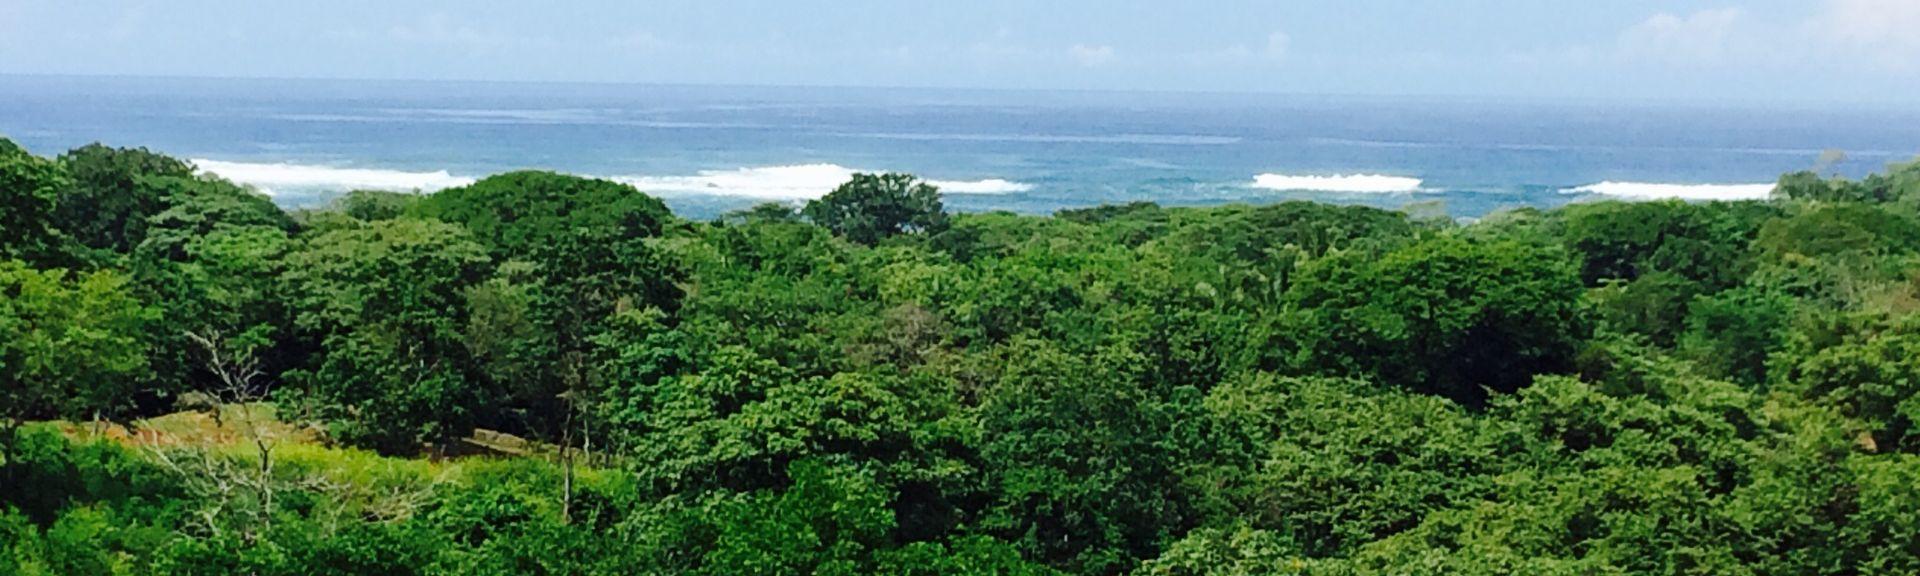 Marbella, Guanacaste, Costa Rica